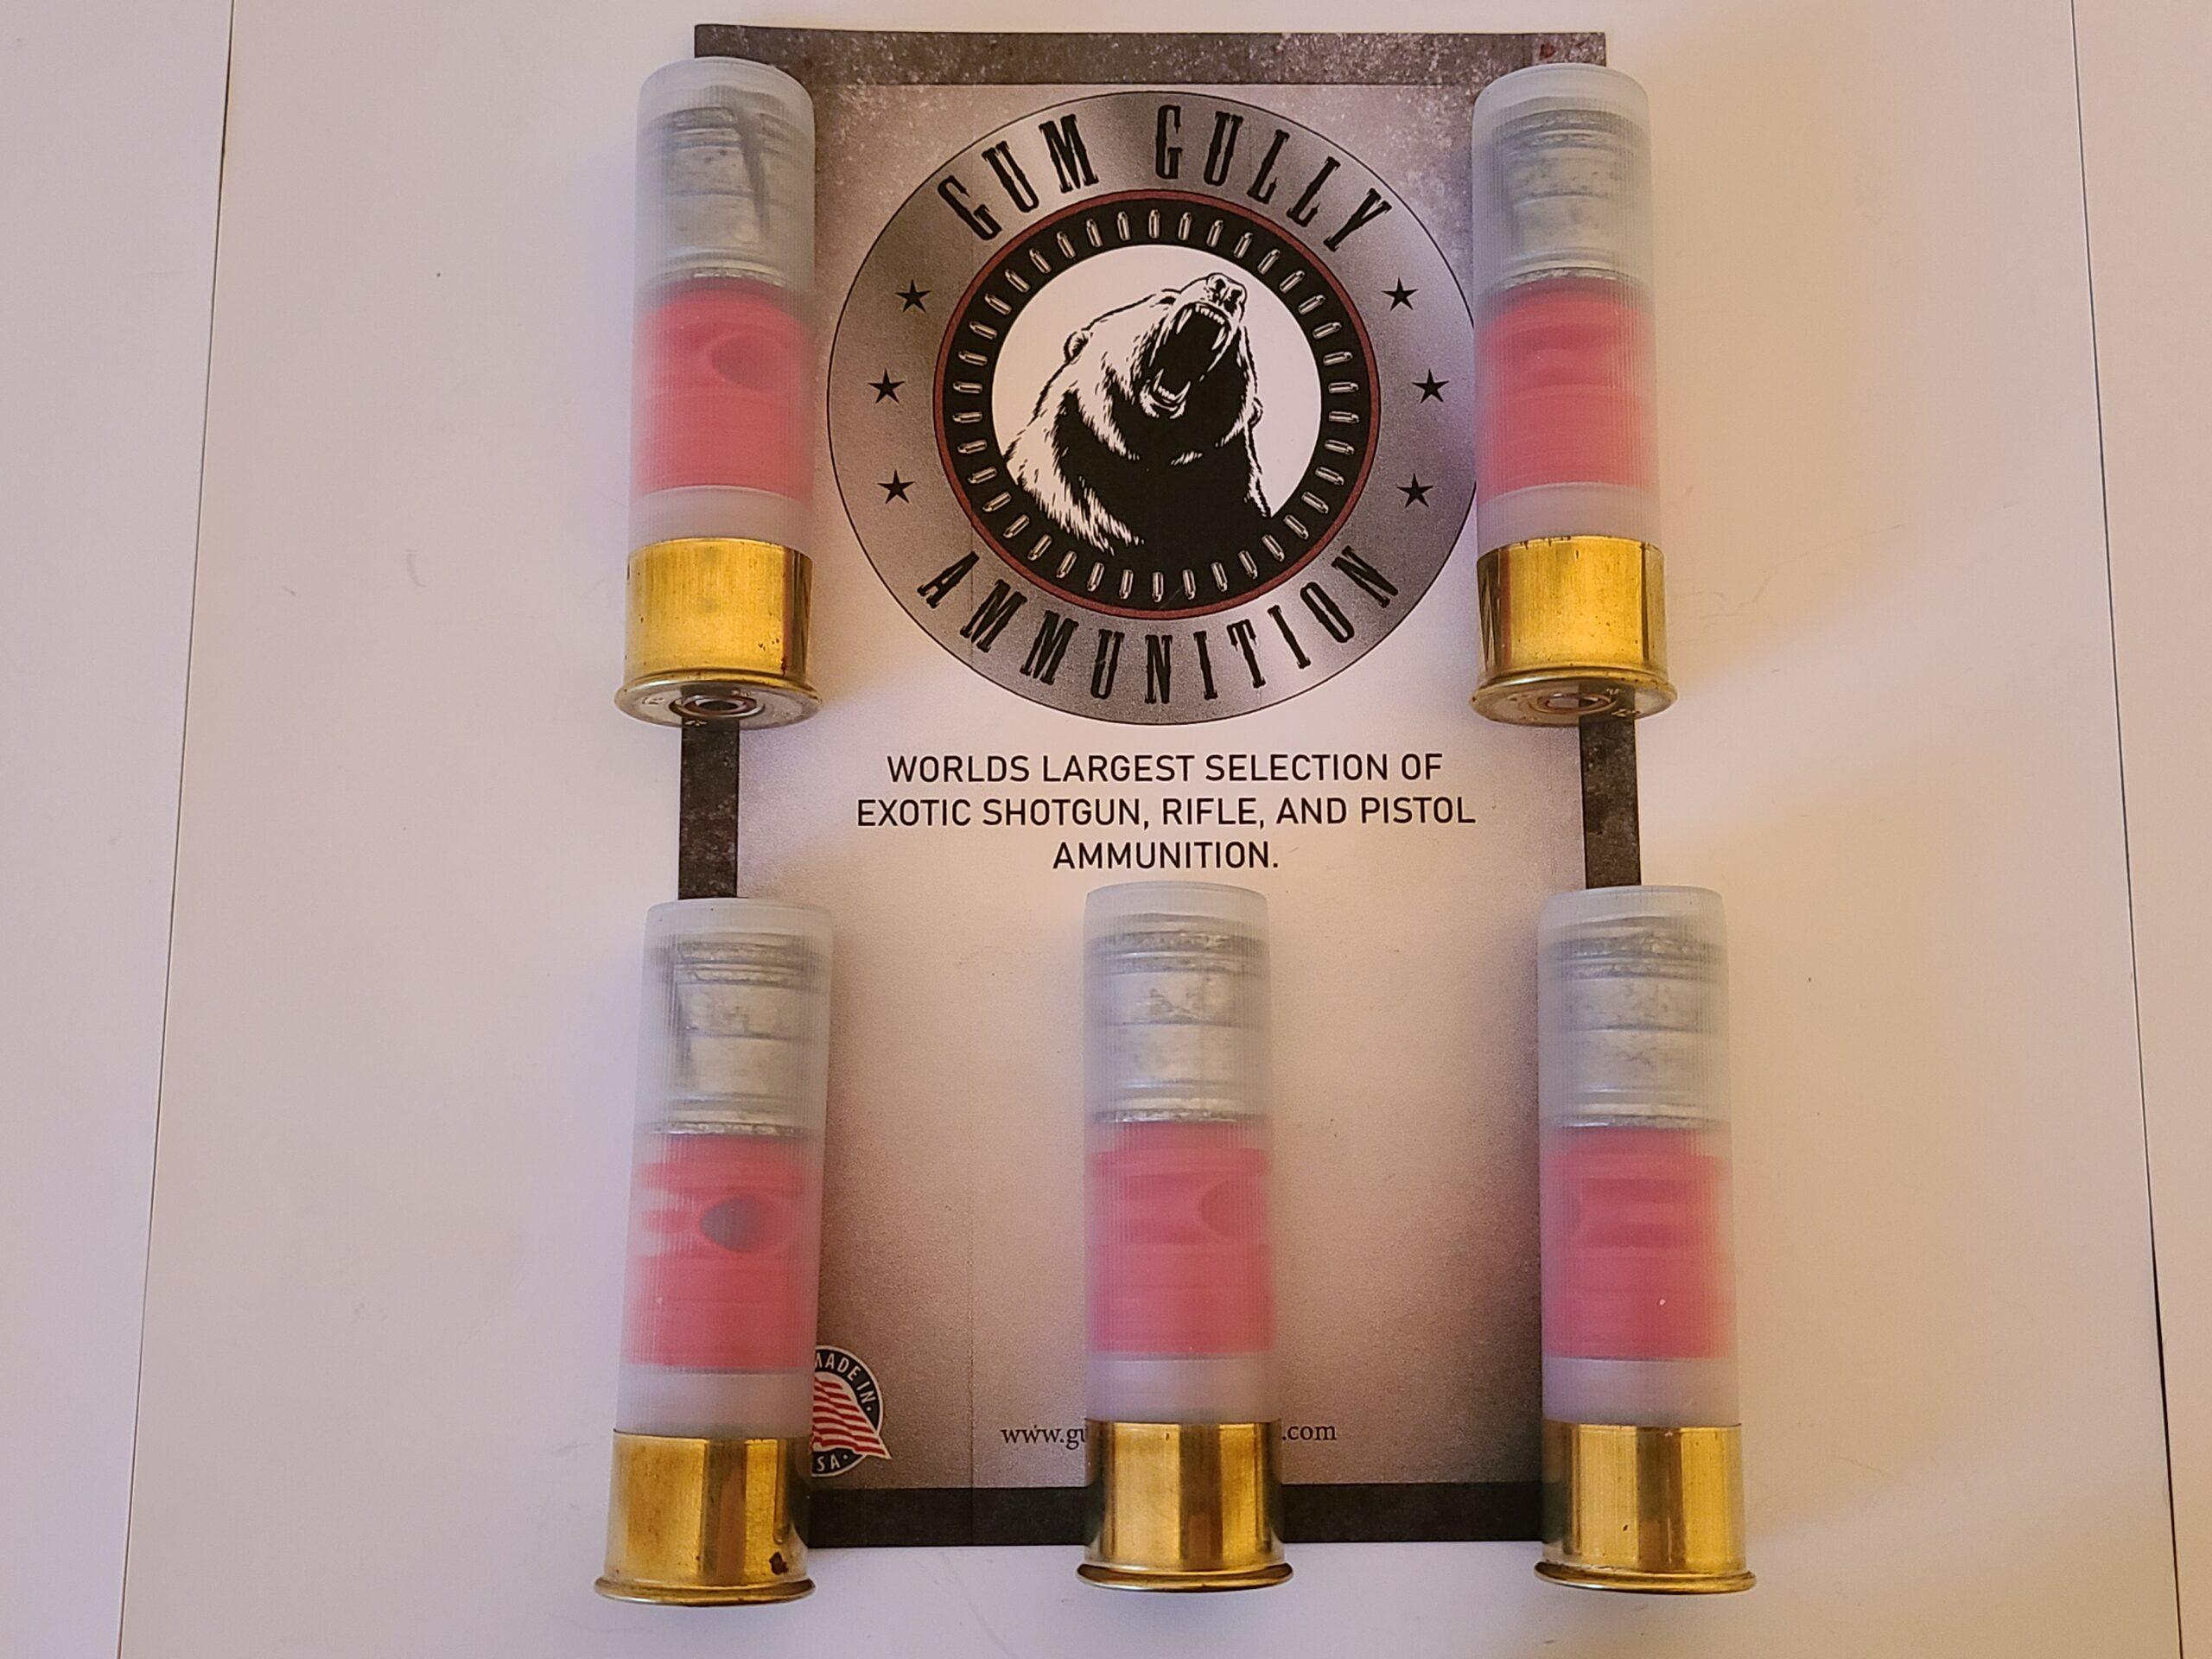 12 Gauge 3 Magnum 1 3 8 Oz Dgs Thunderbolt Slug Gum Gully Provision